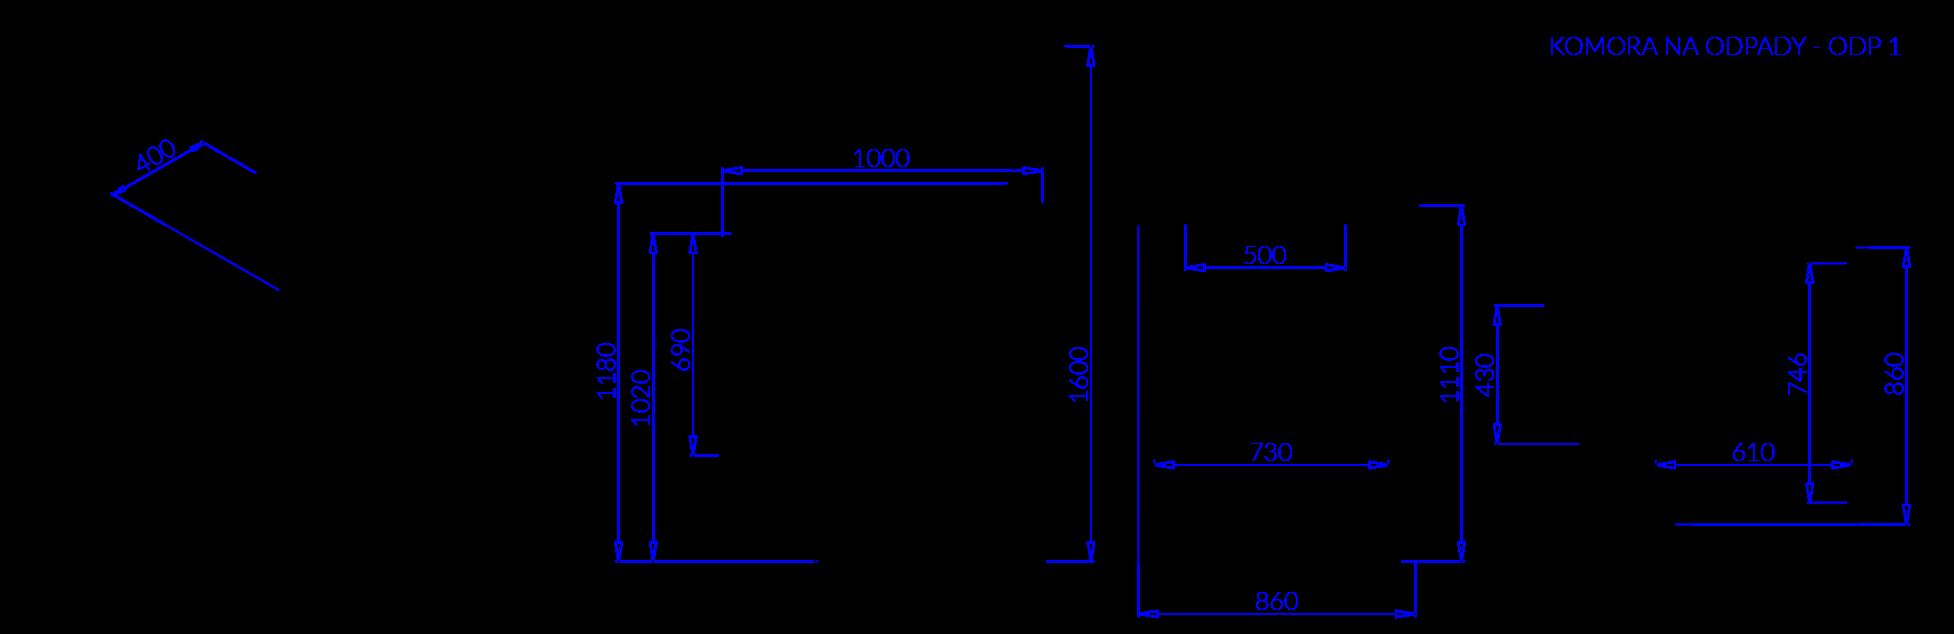 Technische Bezeichnung KOMORA ODP 1